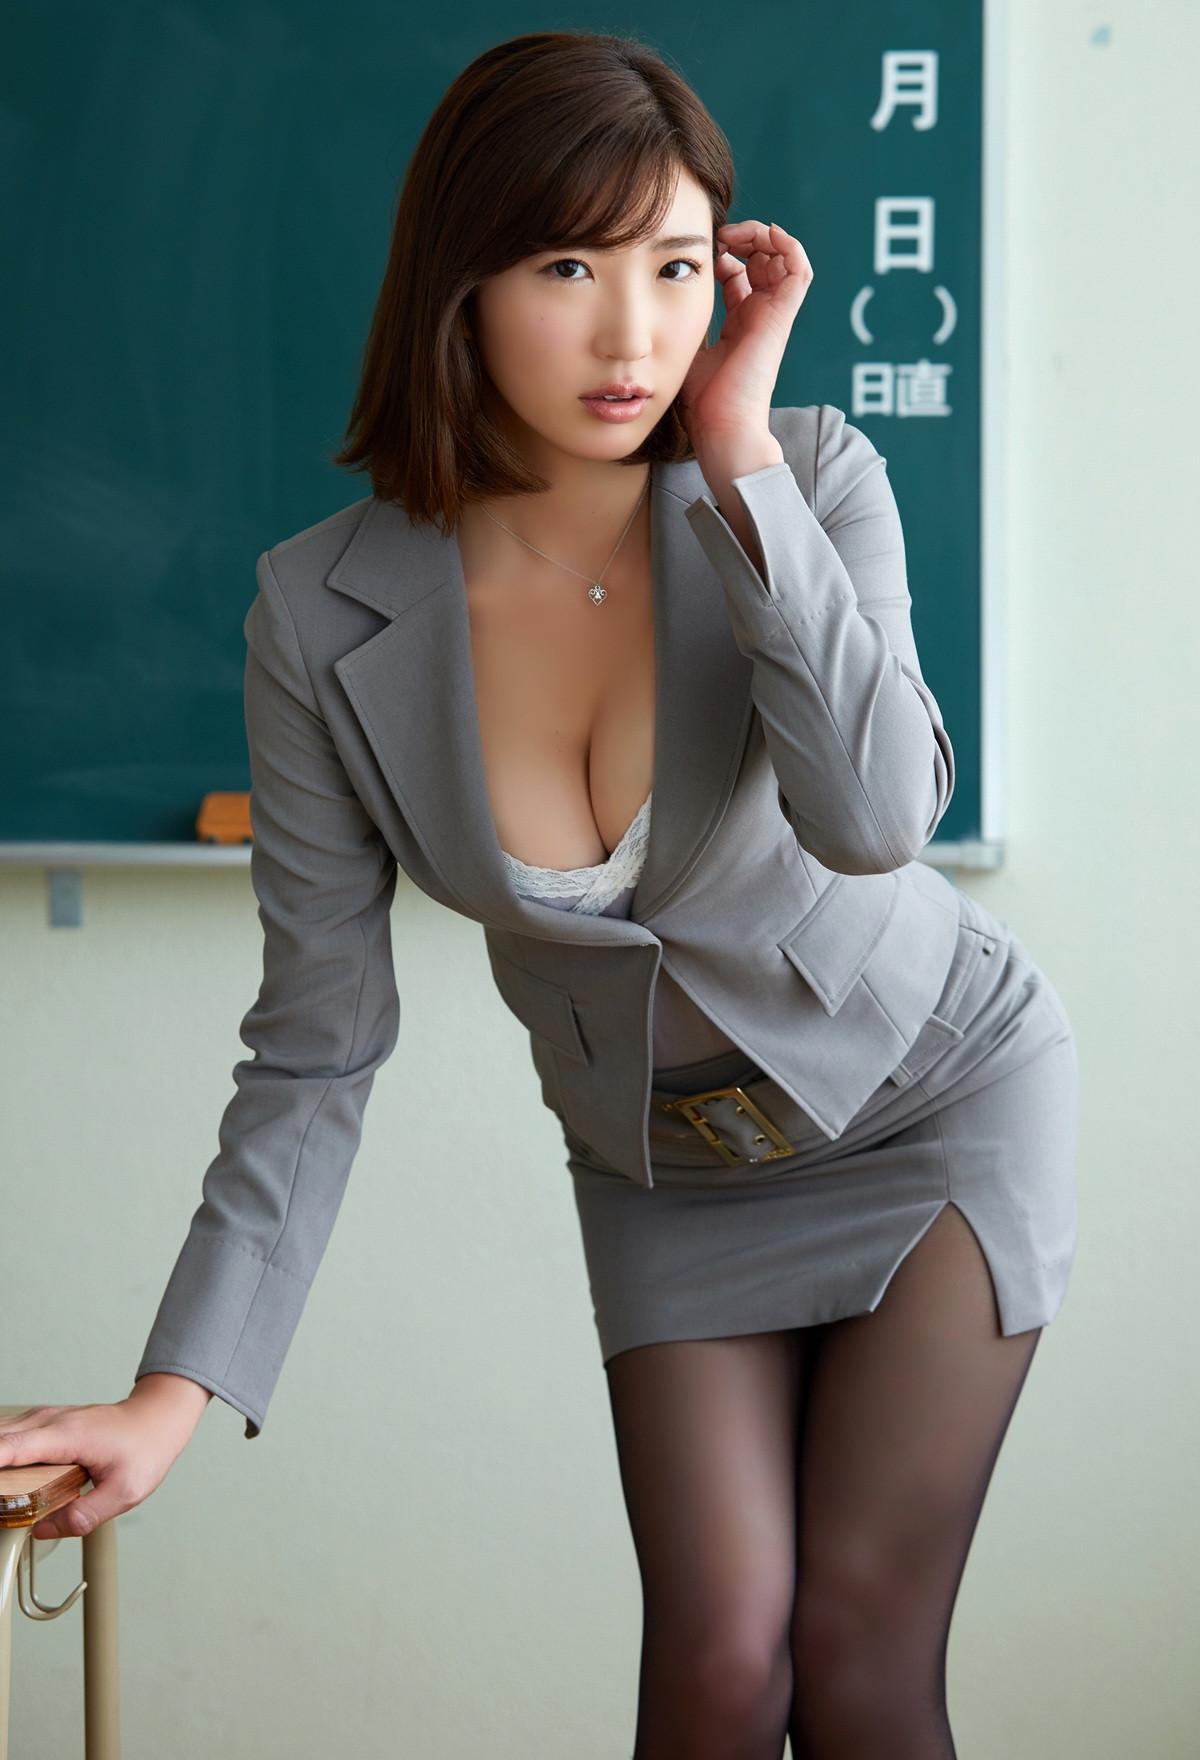 松嶋えいみ「放課後に呼び出されて」グラビア 画像 00033